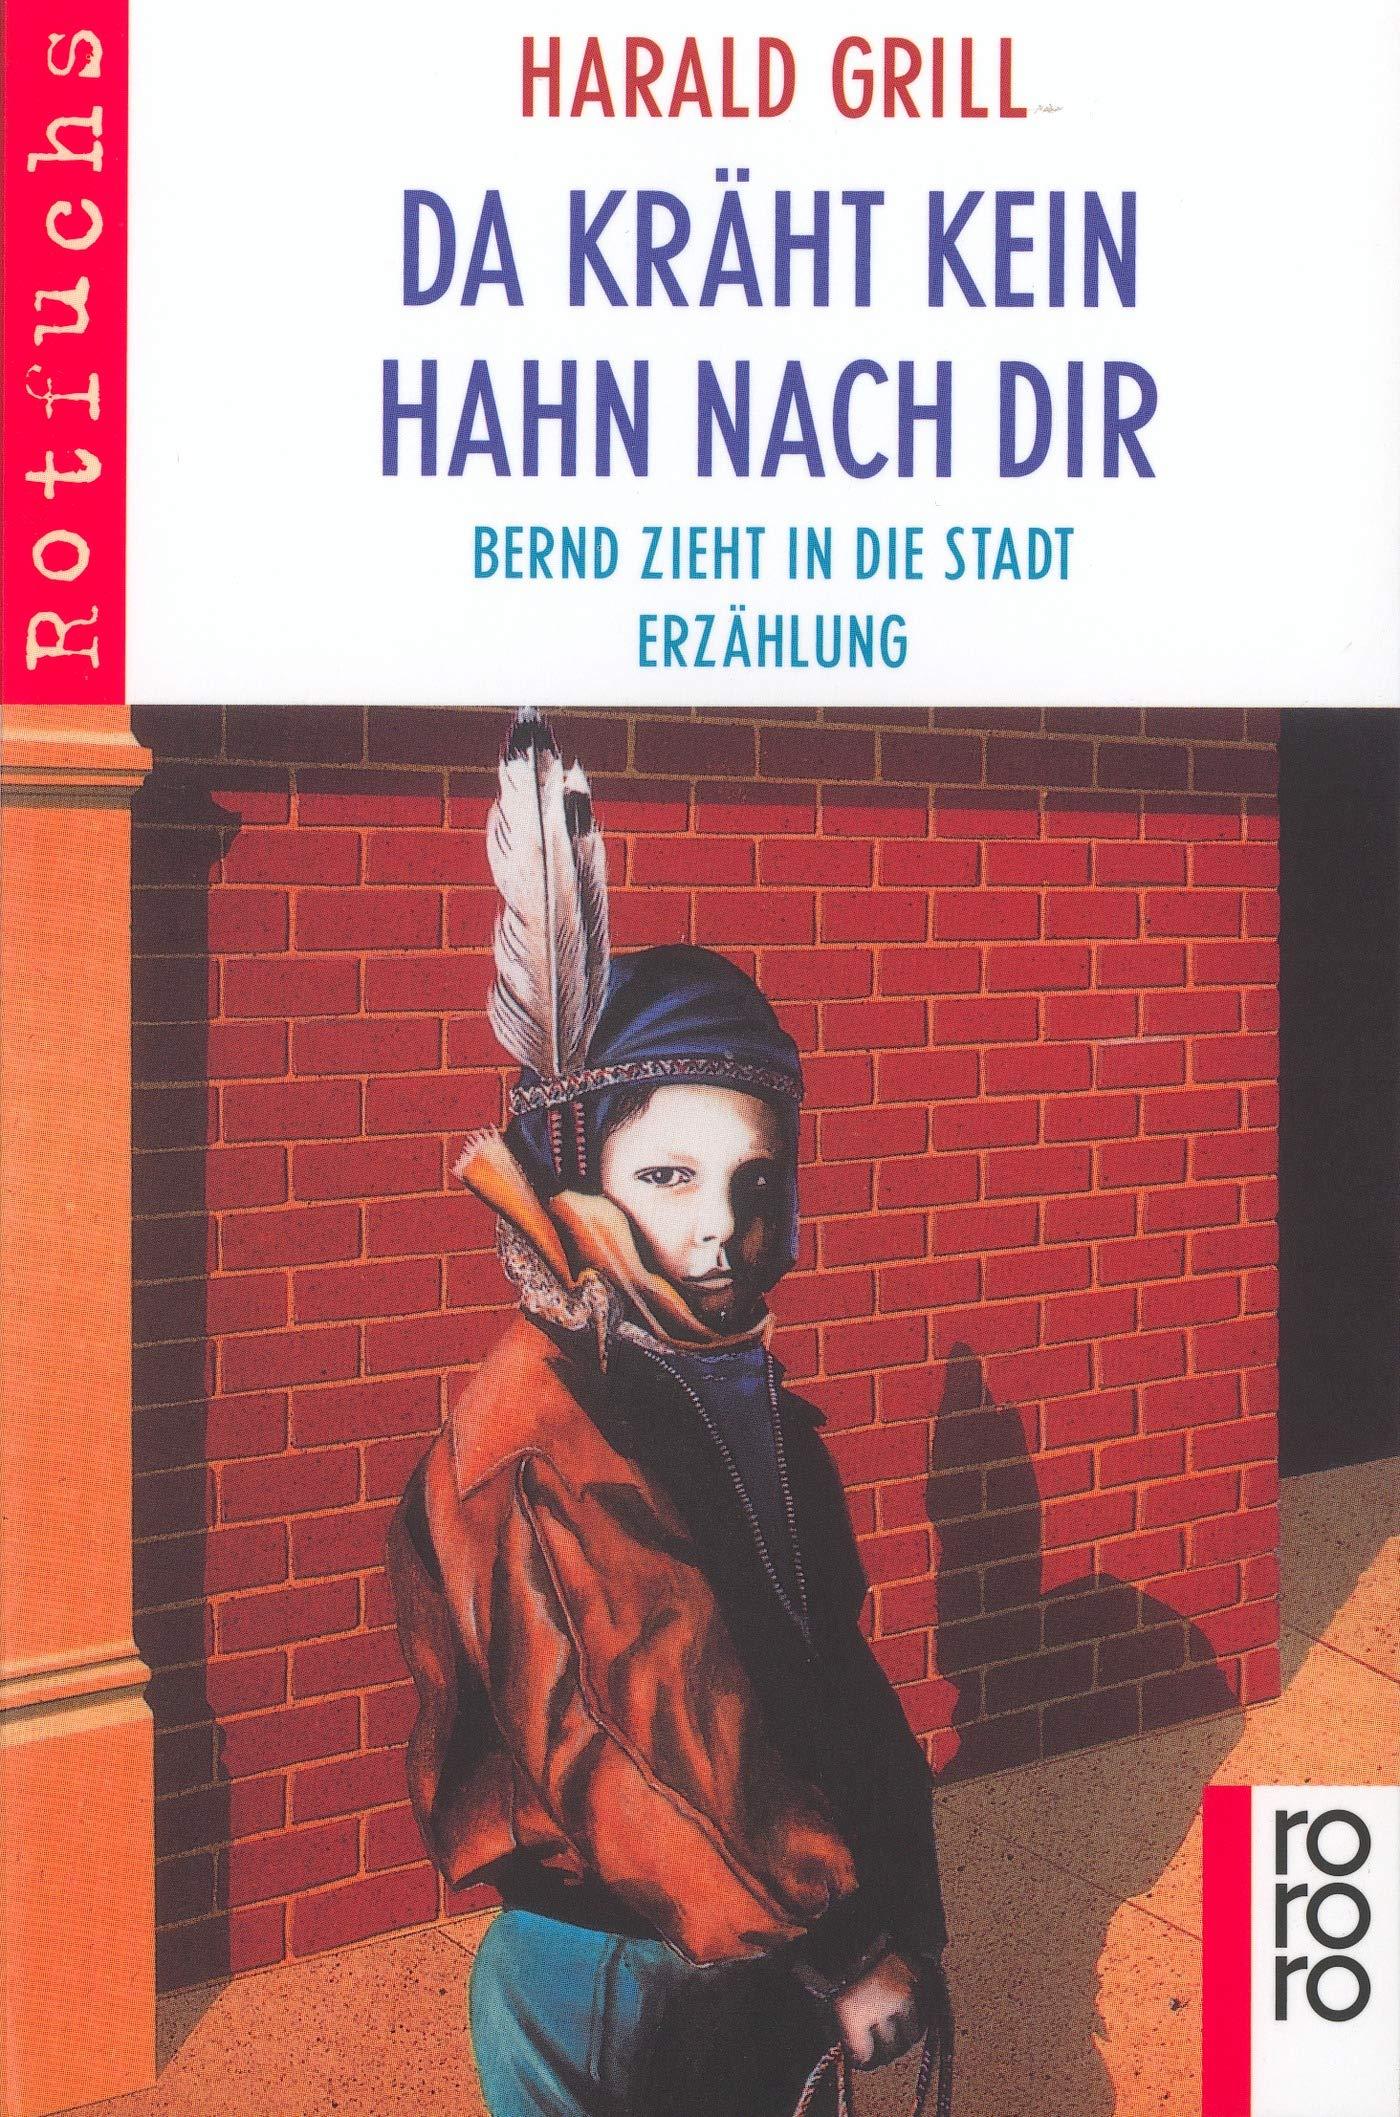 Da Kräht Kein Hahn Nach Dir Ab 8 J Bernd Zieht In Die Stadt Erzählung Grill Harald 9783499205484 Amazon Com Books